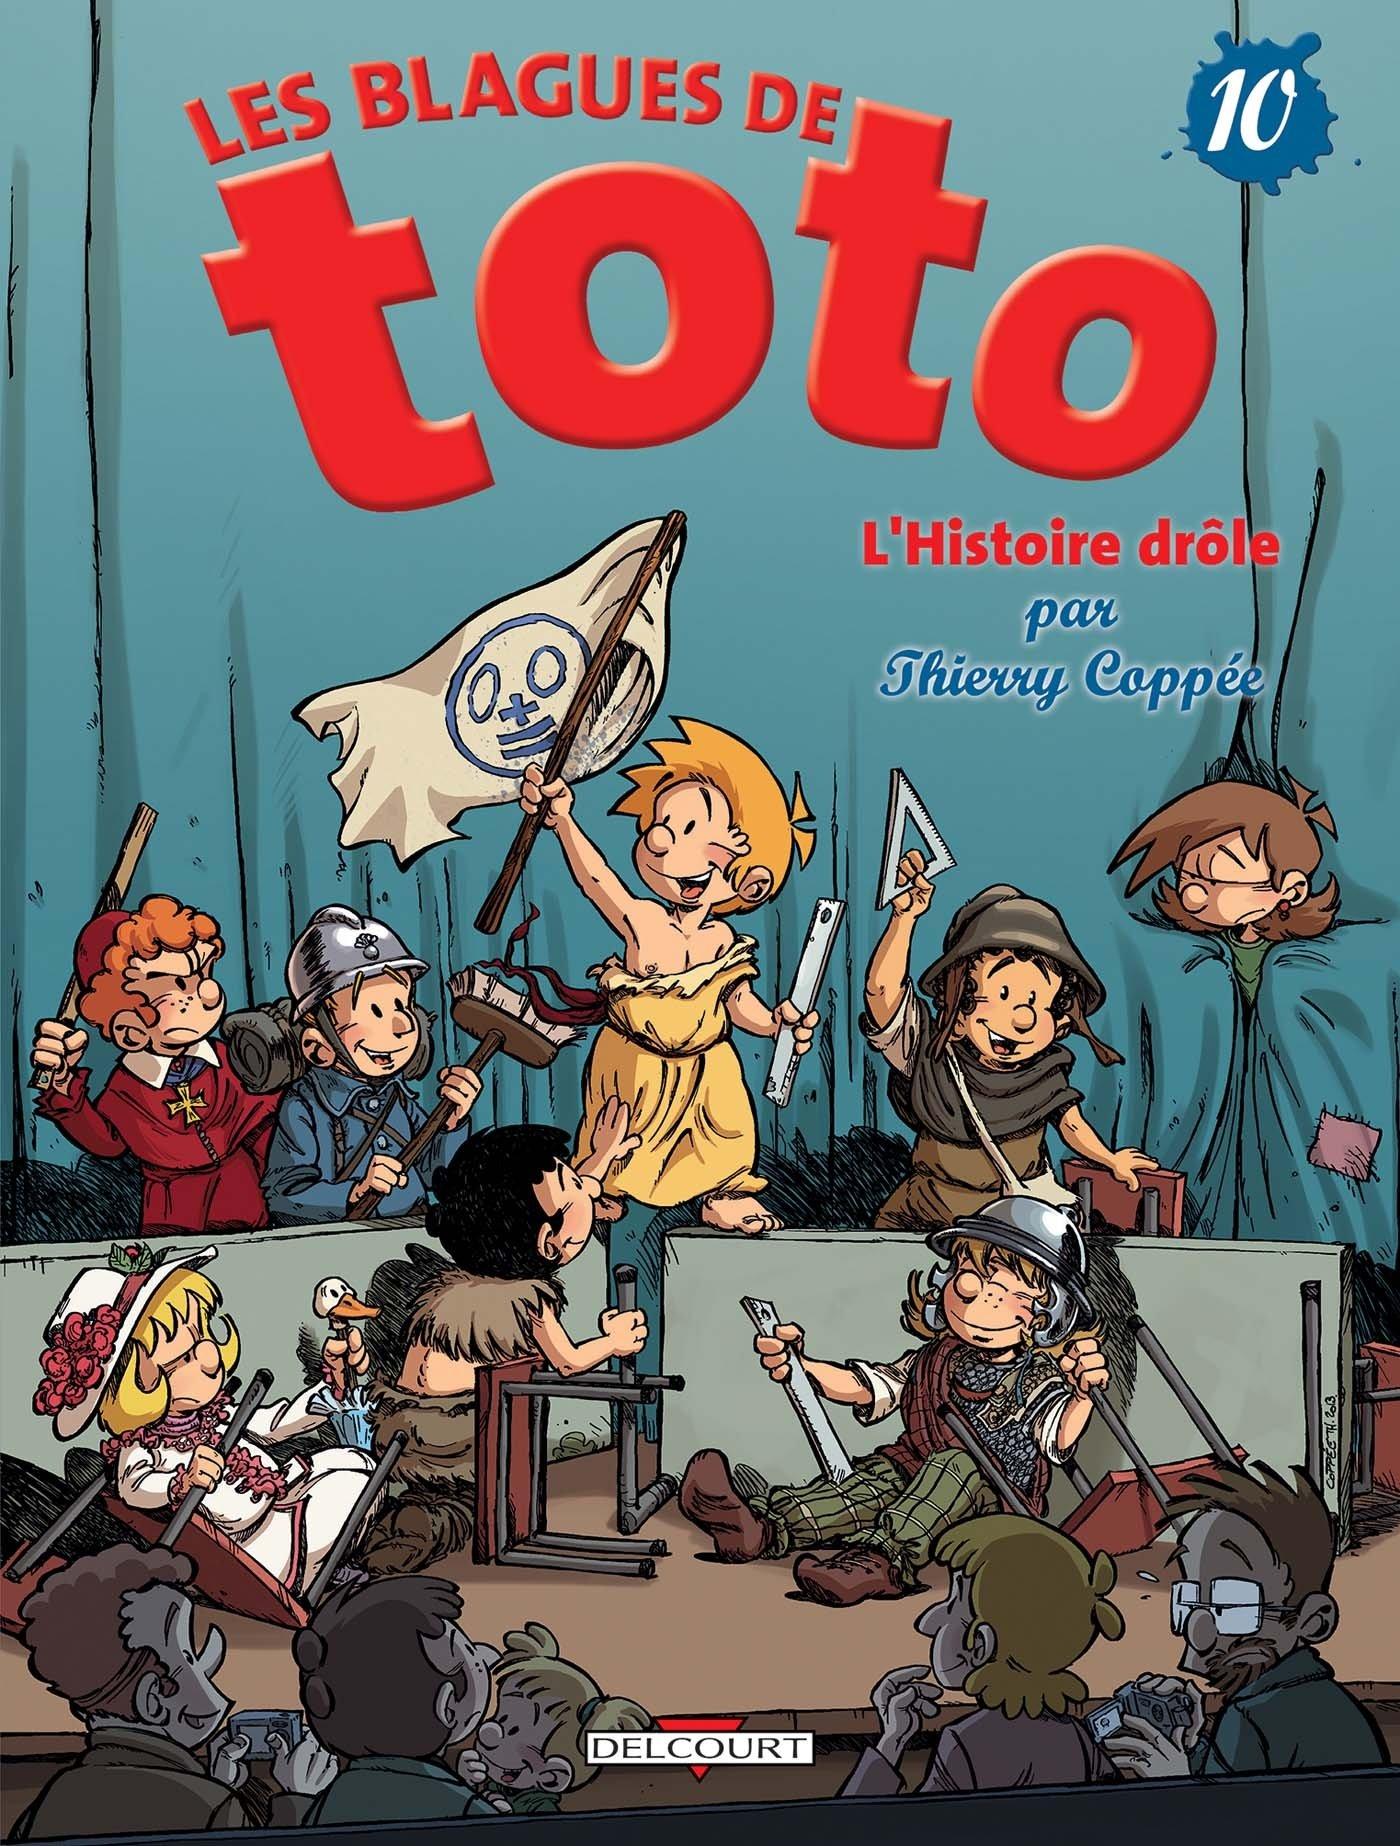 Les Blagues de Toto T10 - L'Histoire drôle Album – 20 novembre 2013 Thierry Coppée Delcourt 2756027952 Bandes dessinées